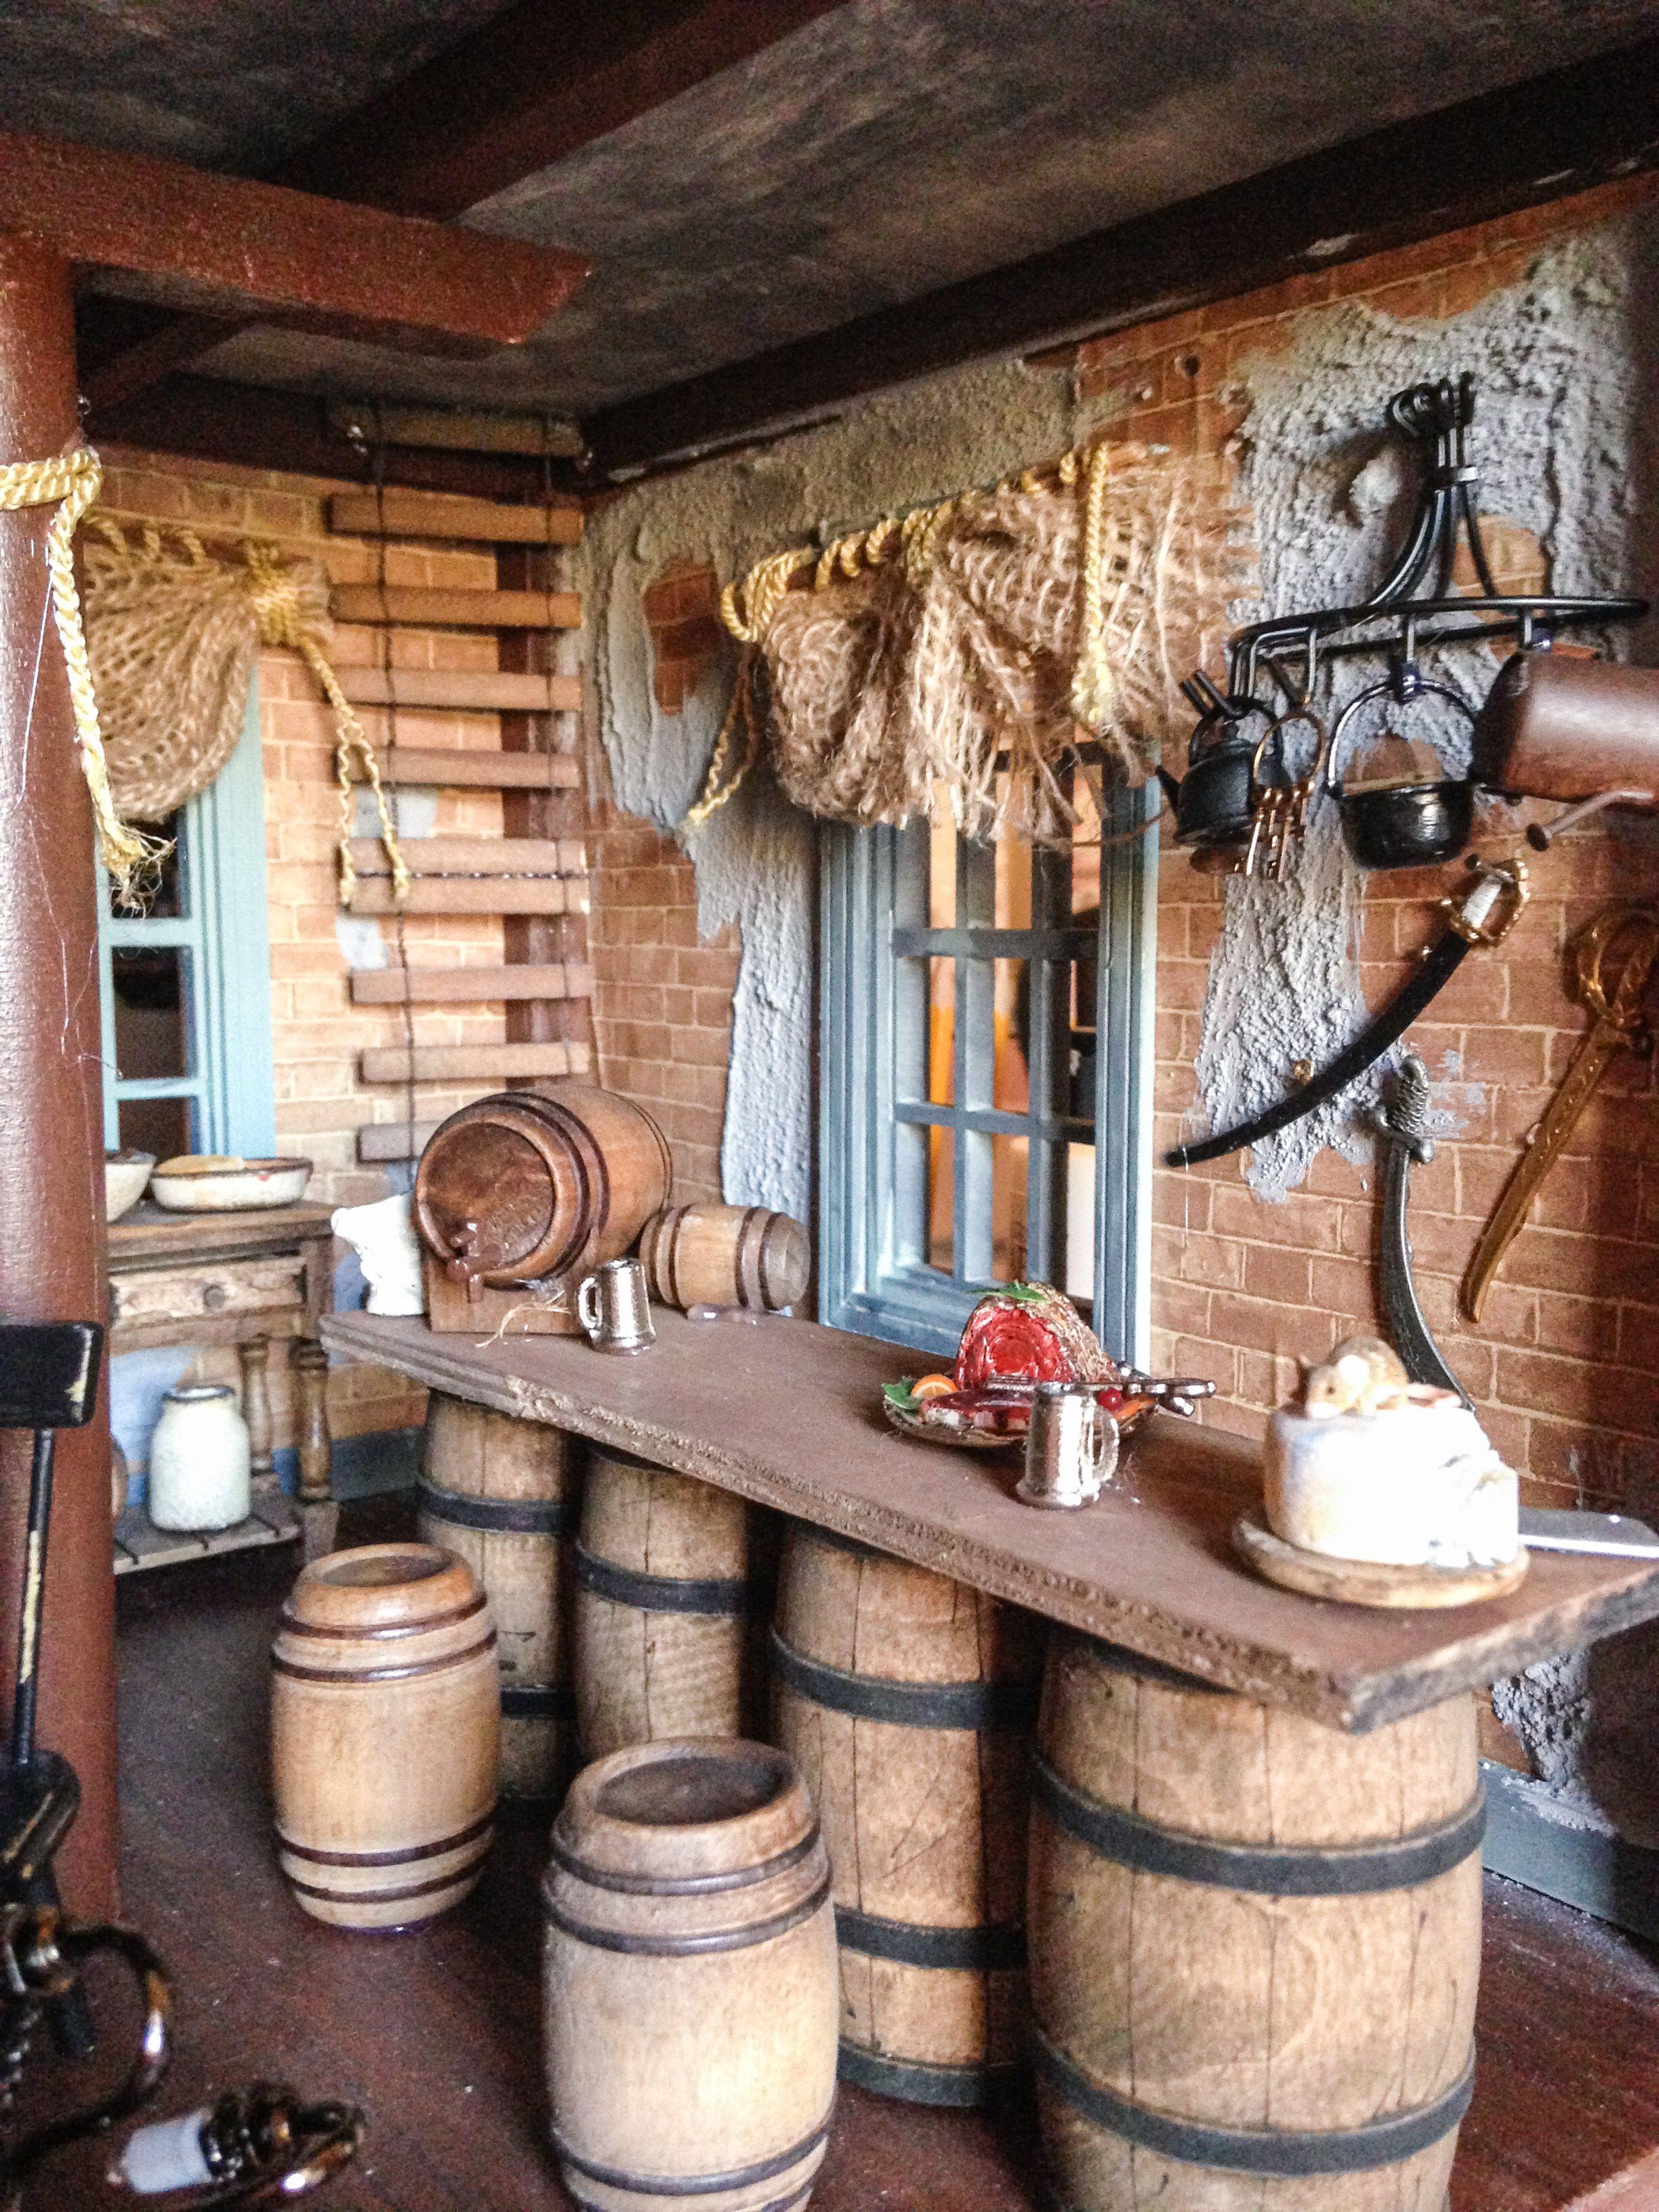 Inside The Dollhouse Pirate Tavern Pirate Tavern 1 12